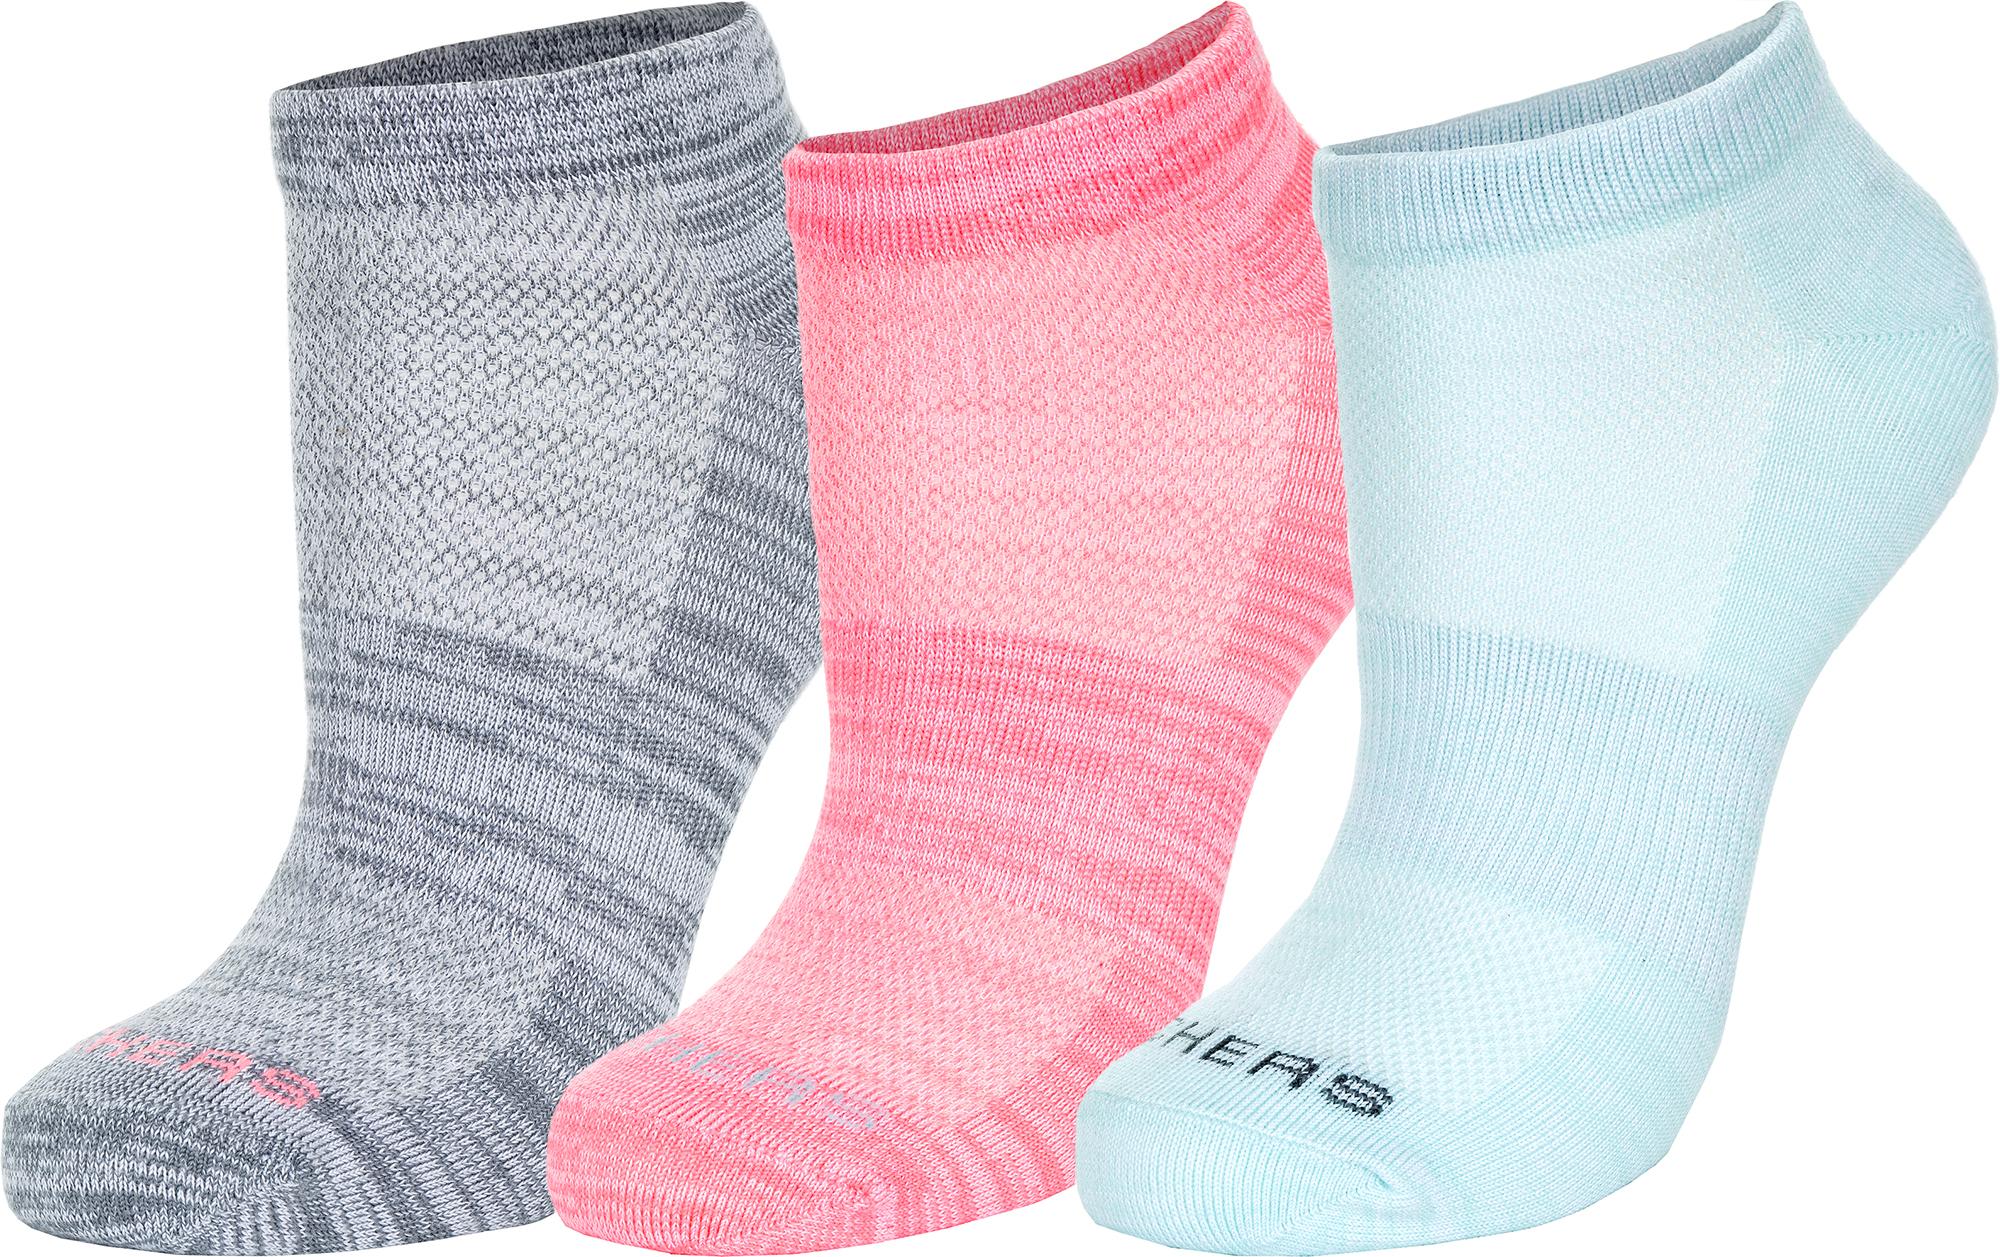 Skechers Носки женские Skechers, 3 пары, размер 35-39 skechers носки женские skechers 3 пары размер 35 39